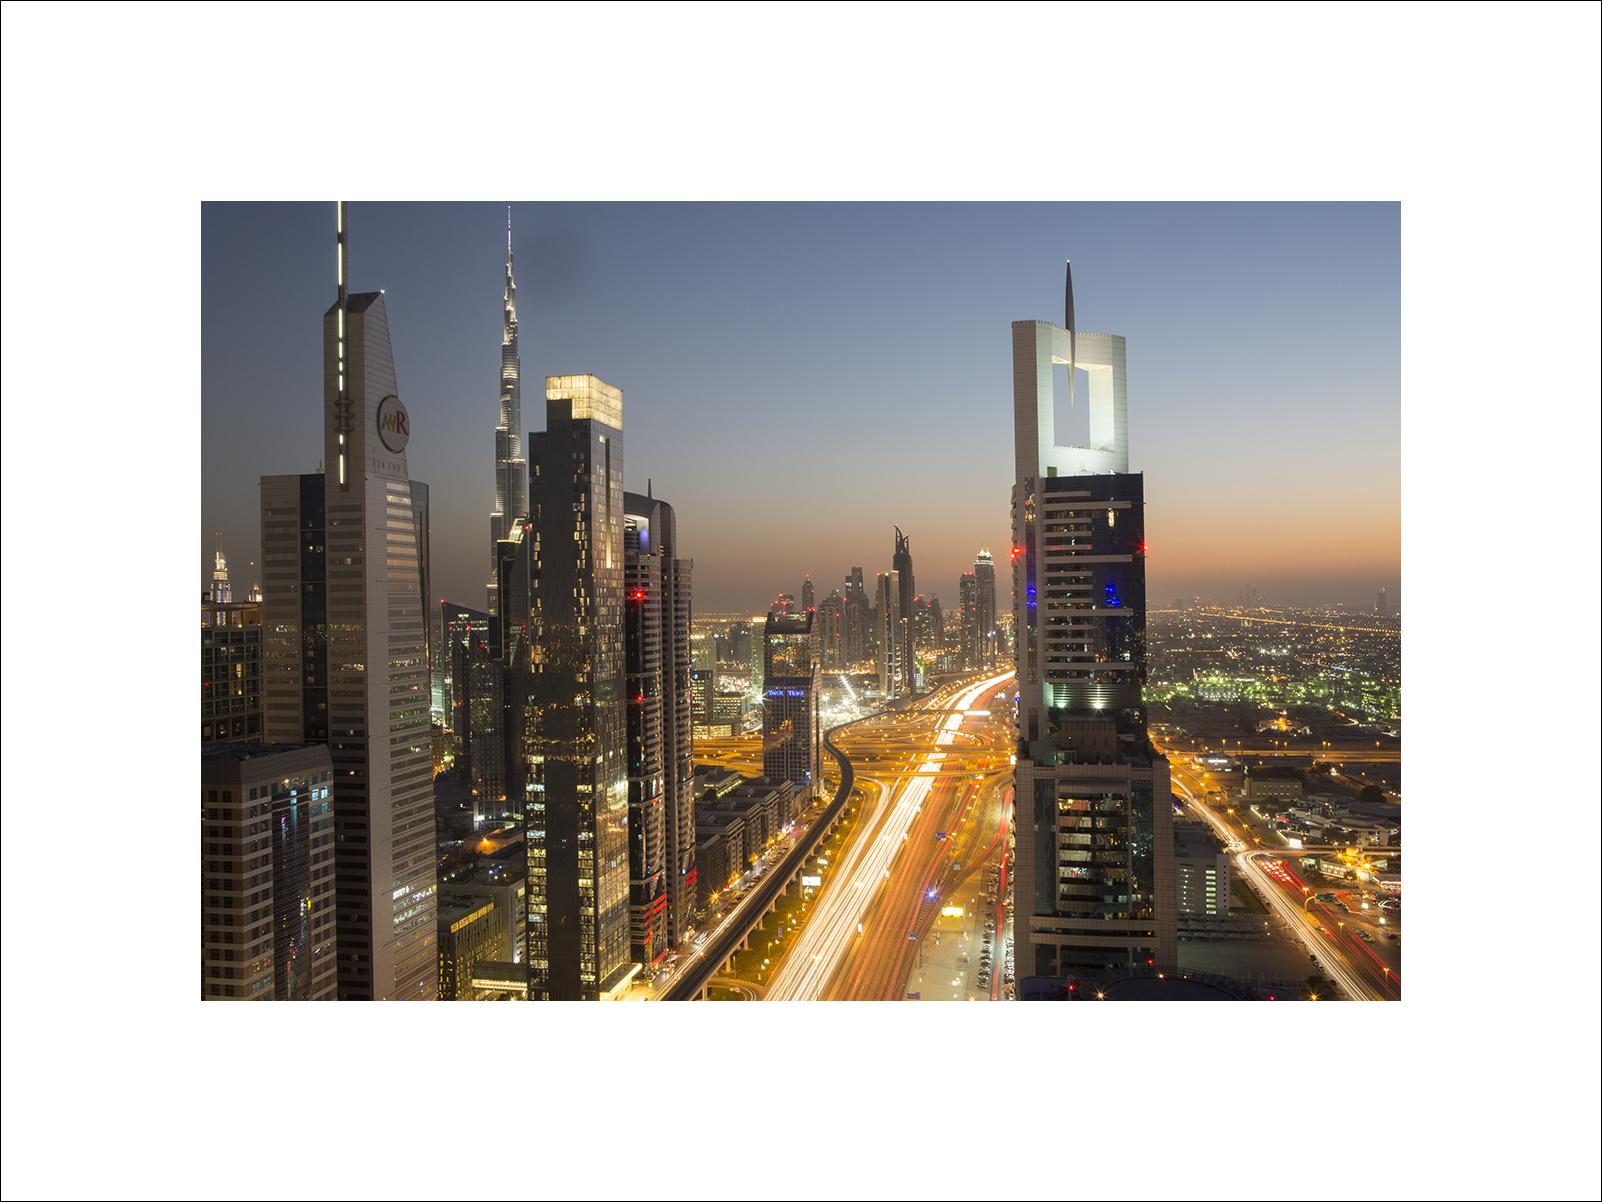 Dubai_Arnold_Day1_052